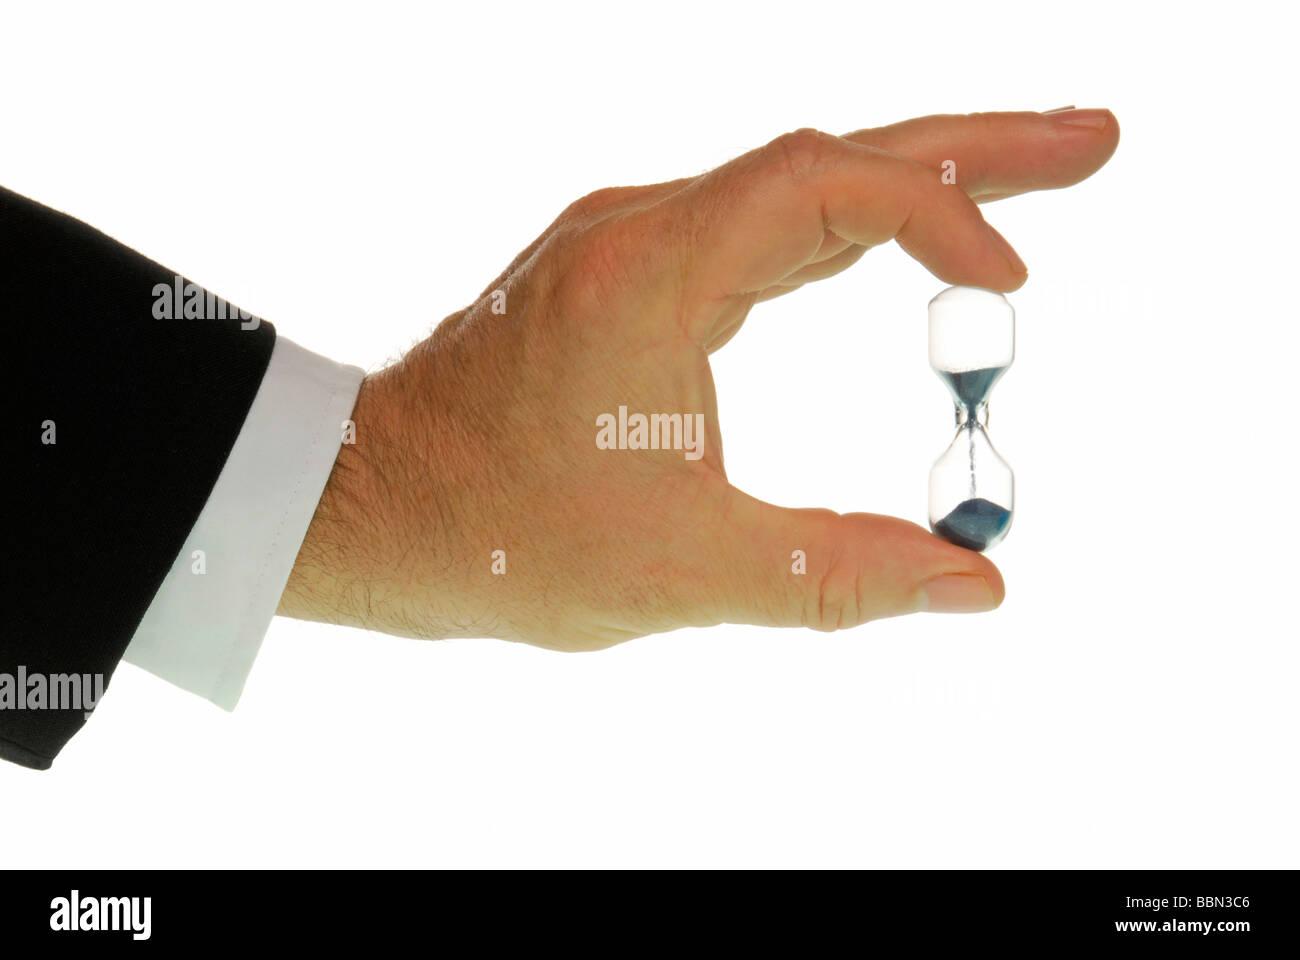 Manager-Hand mit Sanduhr, symbolisches Bild für Zeitdruck Stockbild